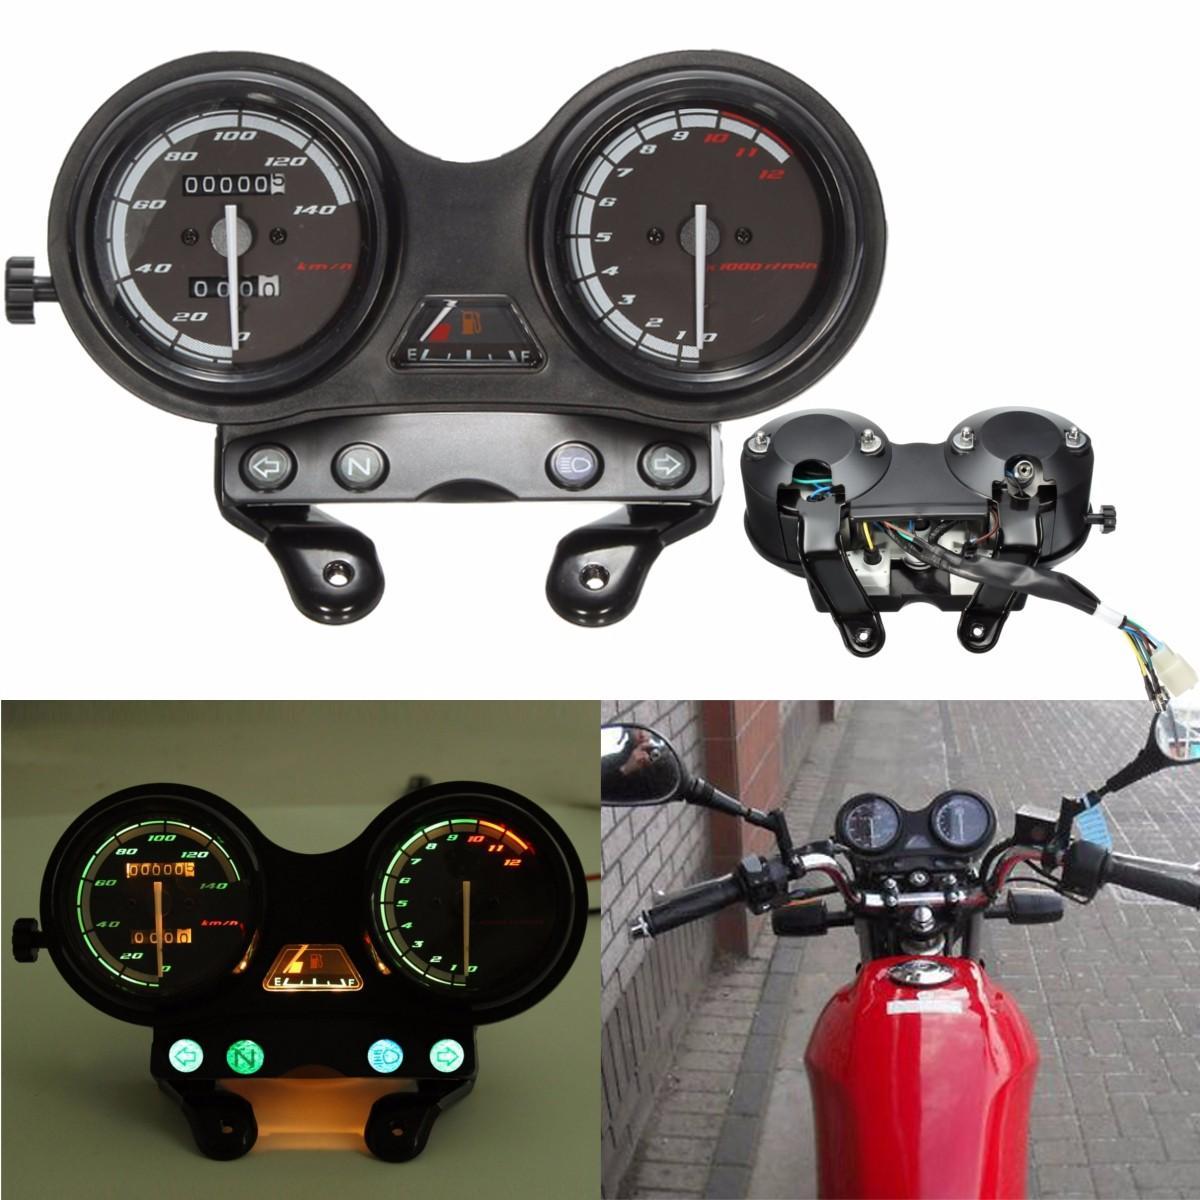 12000 دورة في الدقيقة دراجة نارية لد عداد المسافات عداد السرعة ل Yamaha يبر 125